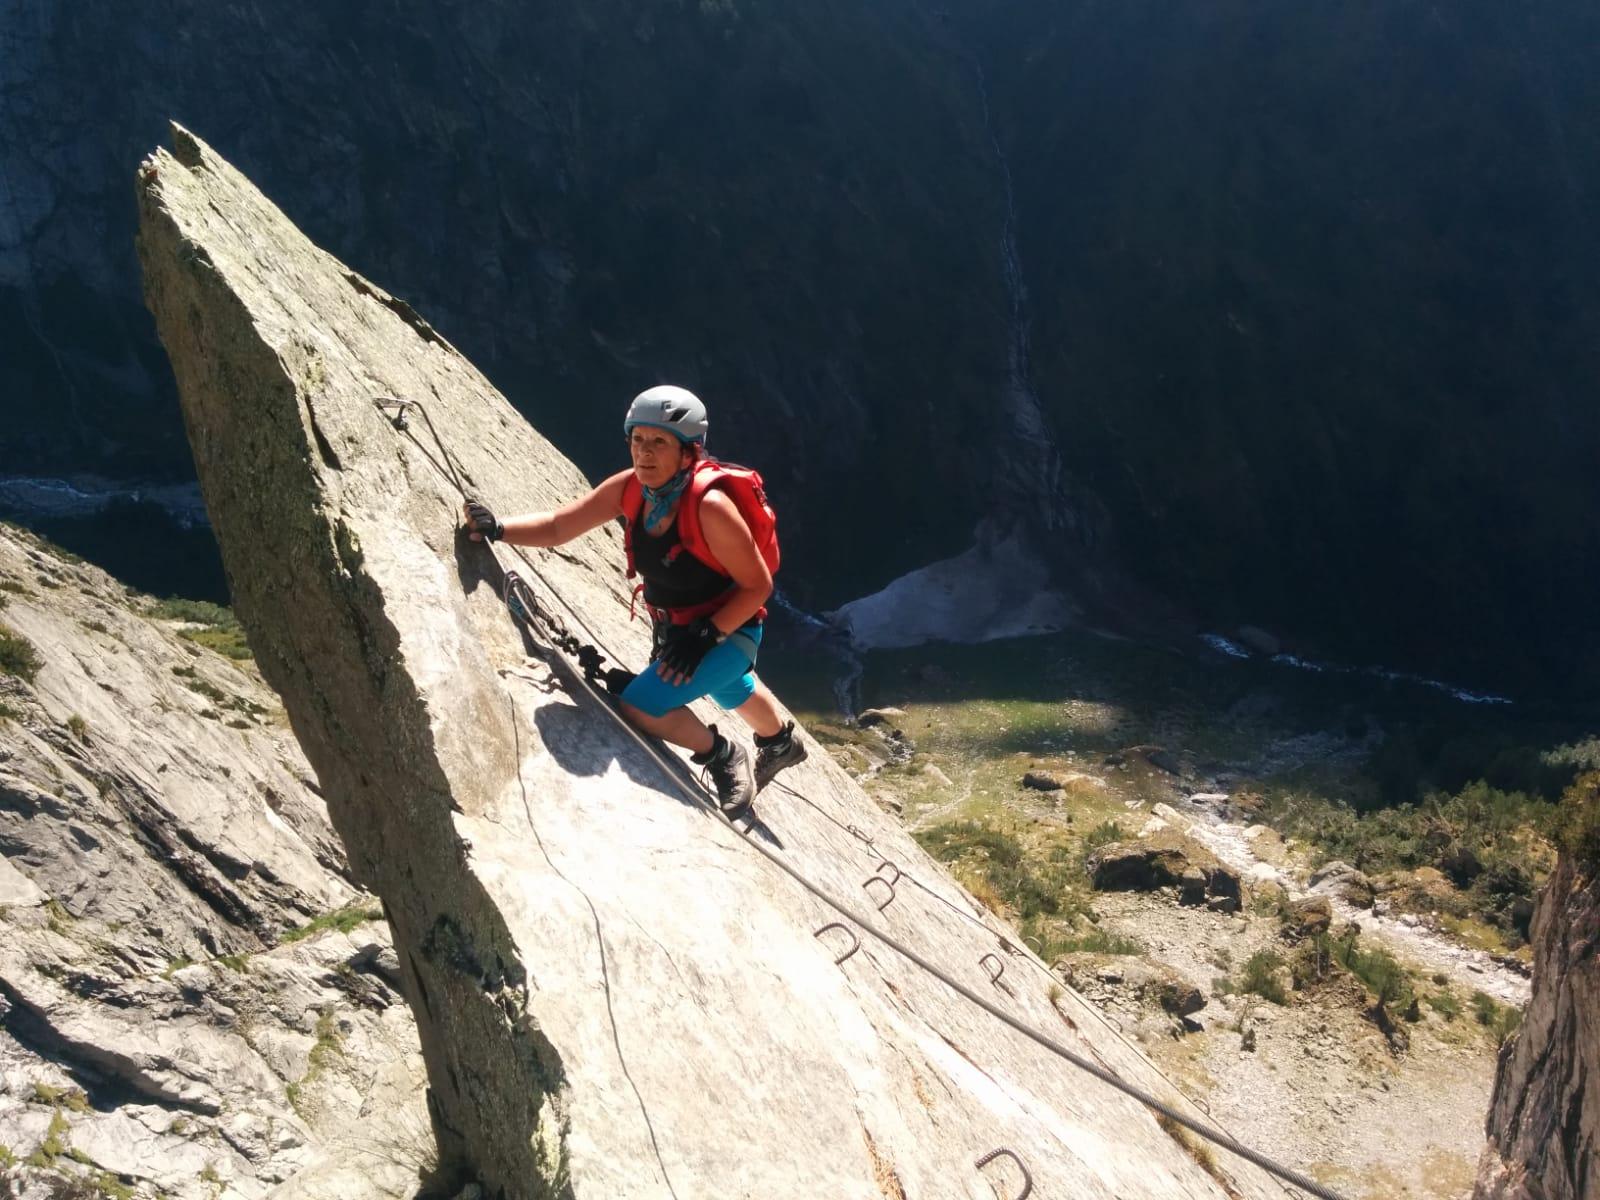 Klettersteig Chamonix : Klettersteig baltschiedertal wiwanni mit simon schmid